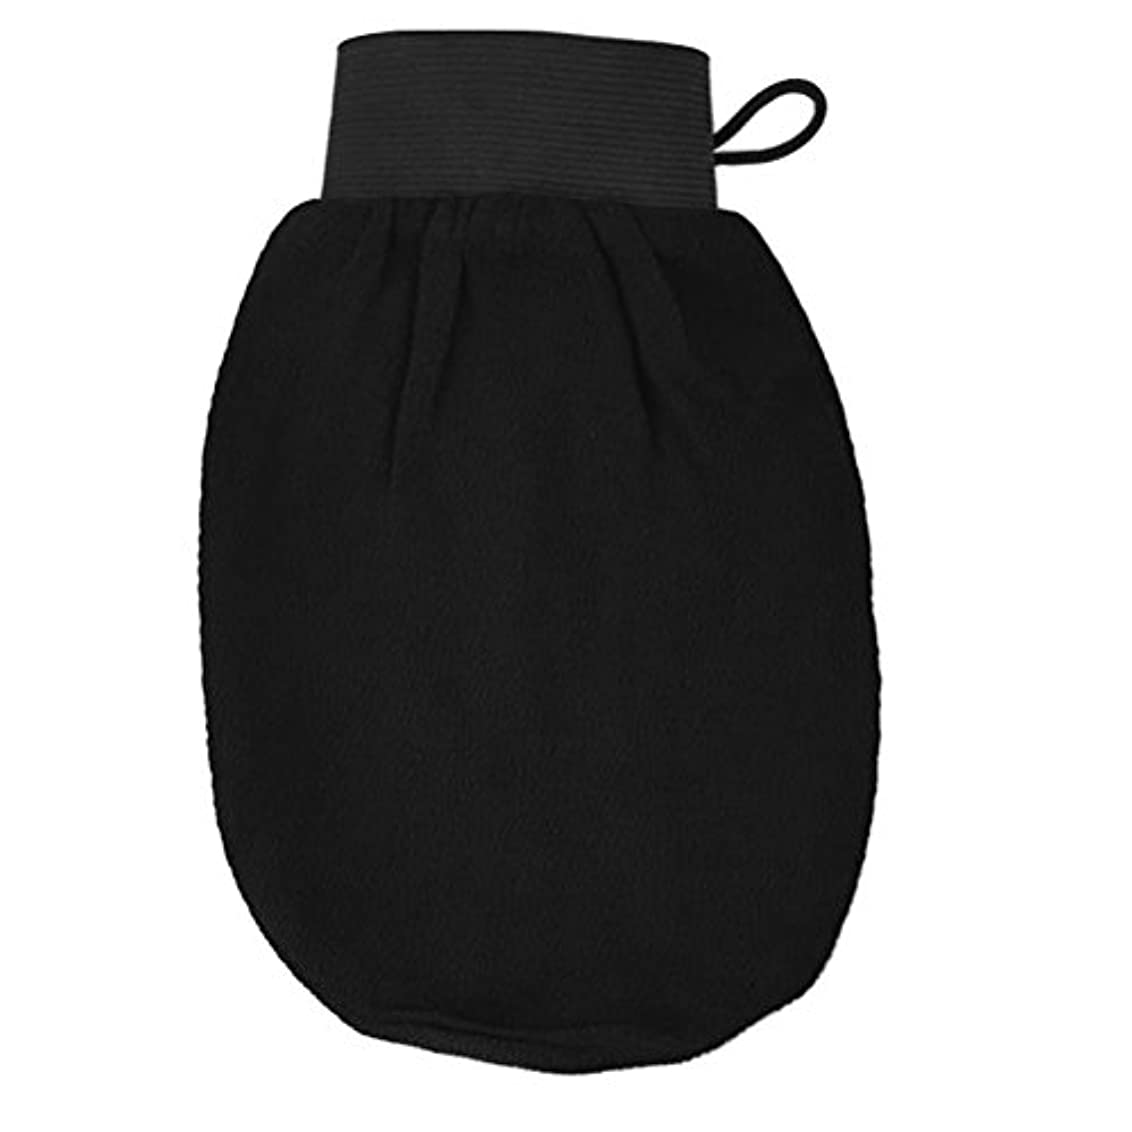 レンチ異常なほのめかすROSENICE バスグローブ 浴用グローブ 角質取り 泡立ち 垢擦り 手袋 マッサージ ボディウォッシュ シャワー バスルーム 男女兼用 バス用品(ブラック)